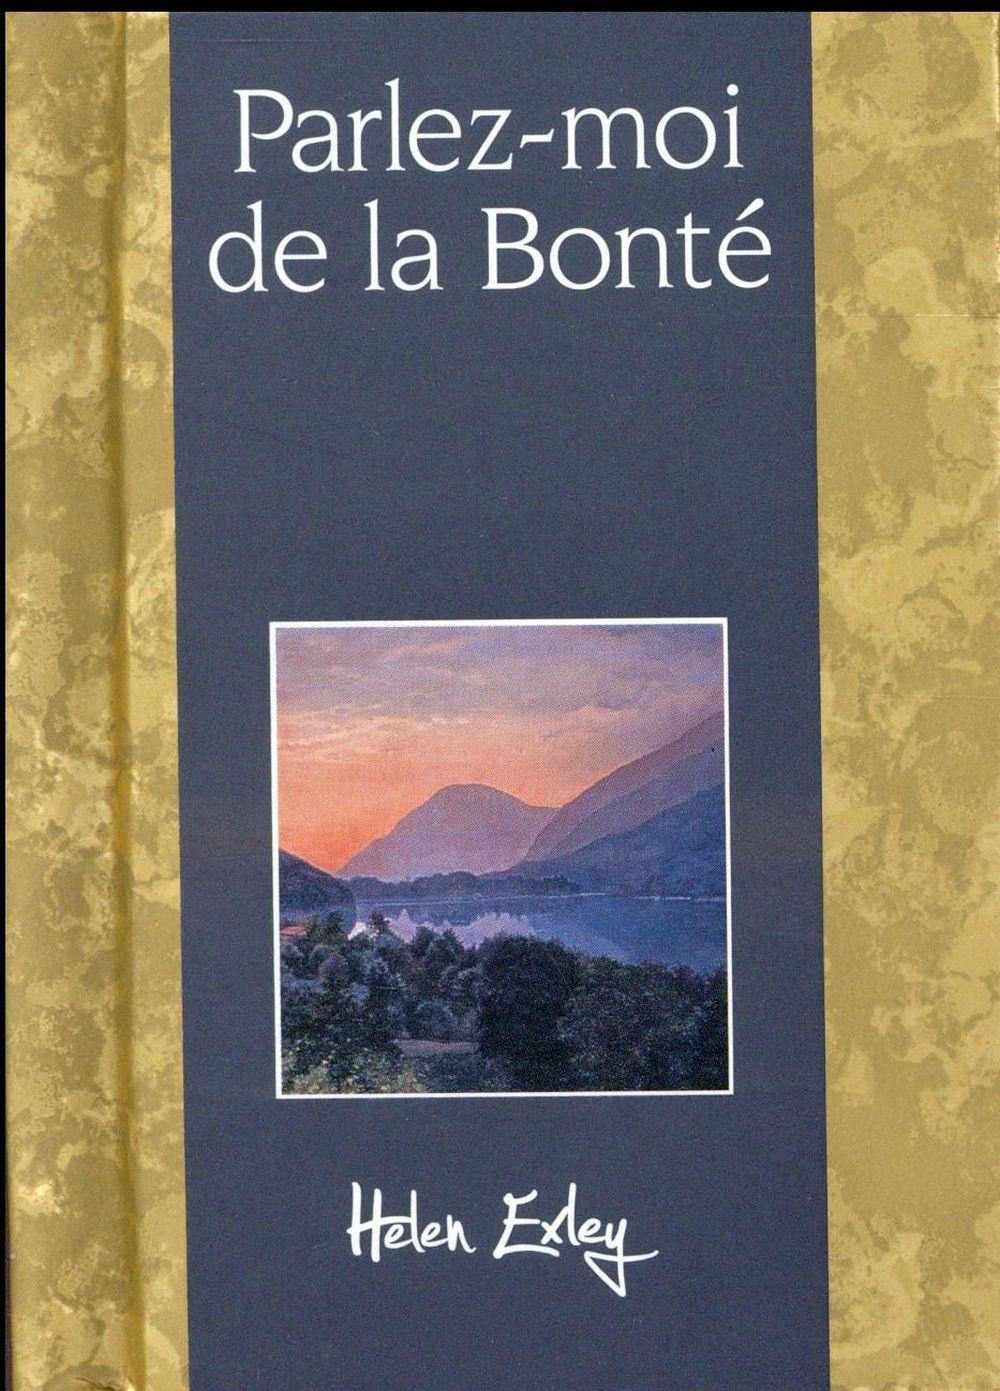 PARLEZ-MOI DE BONTE EXLEY Exley